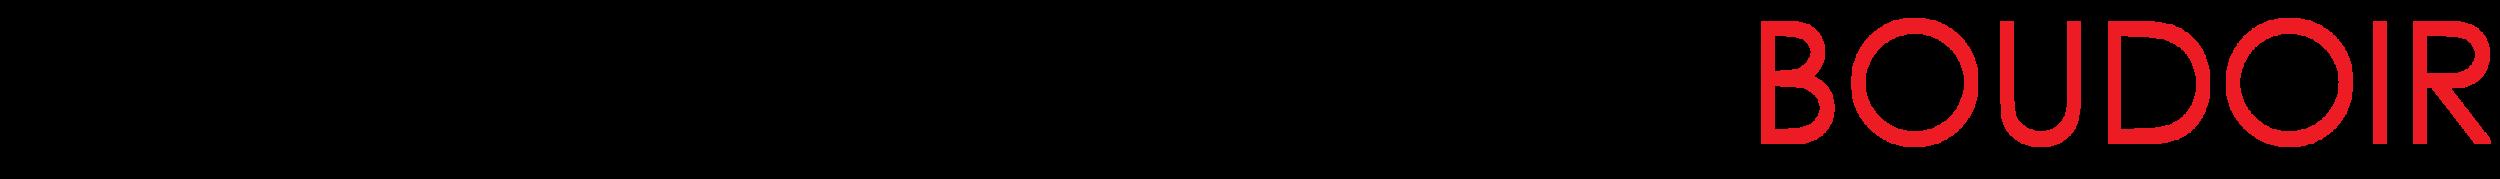 MTI Logo Black BOUDOIR_Long.png